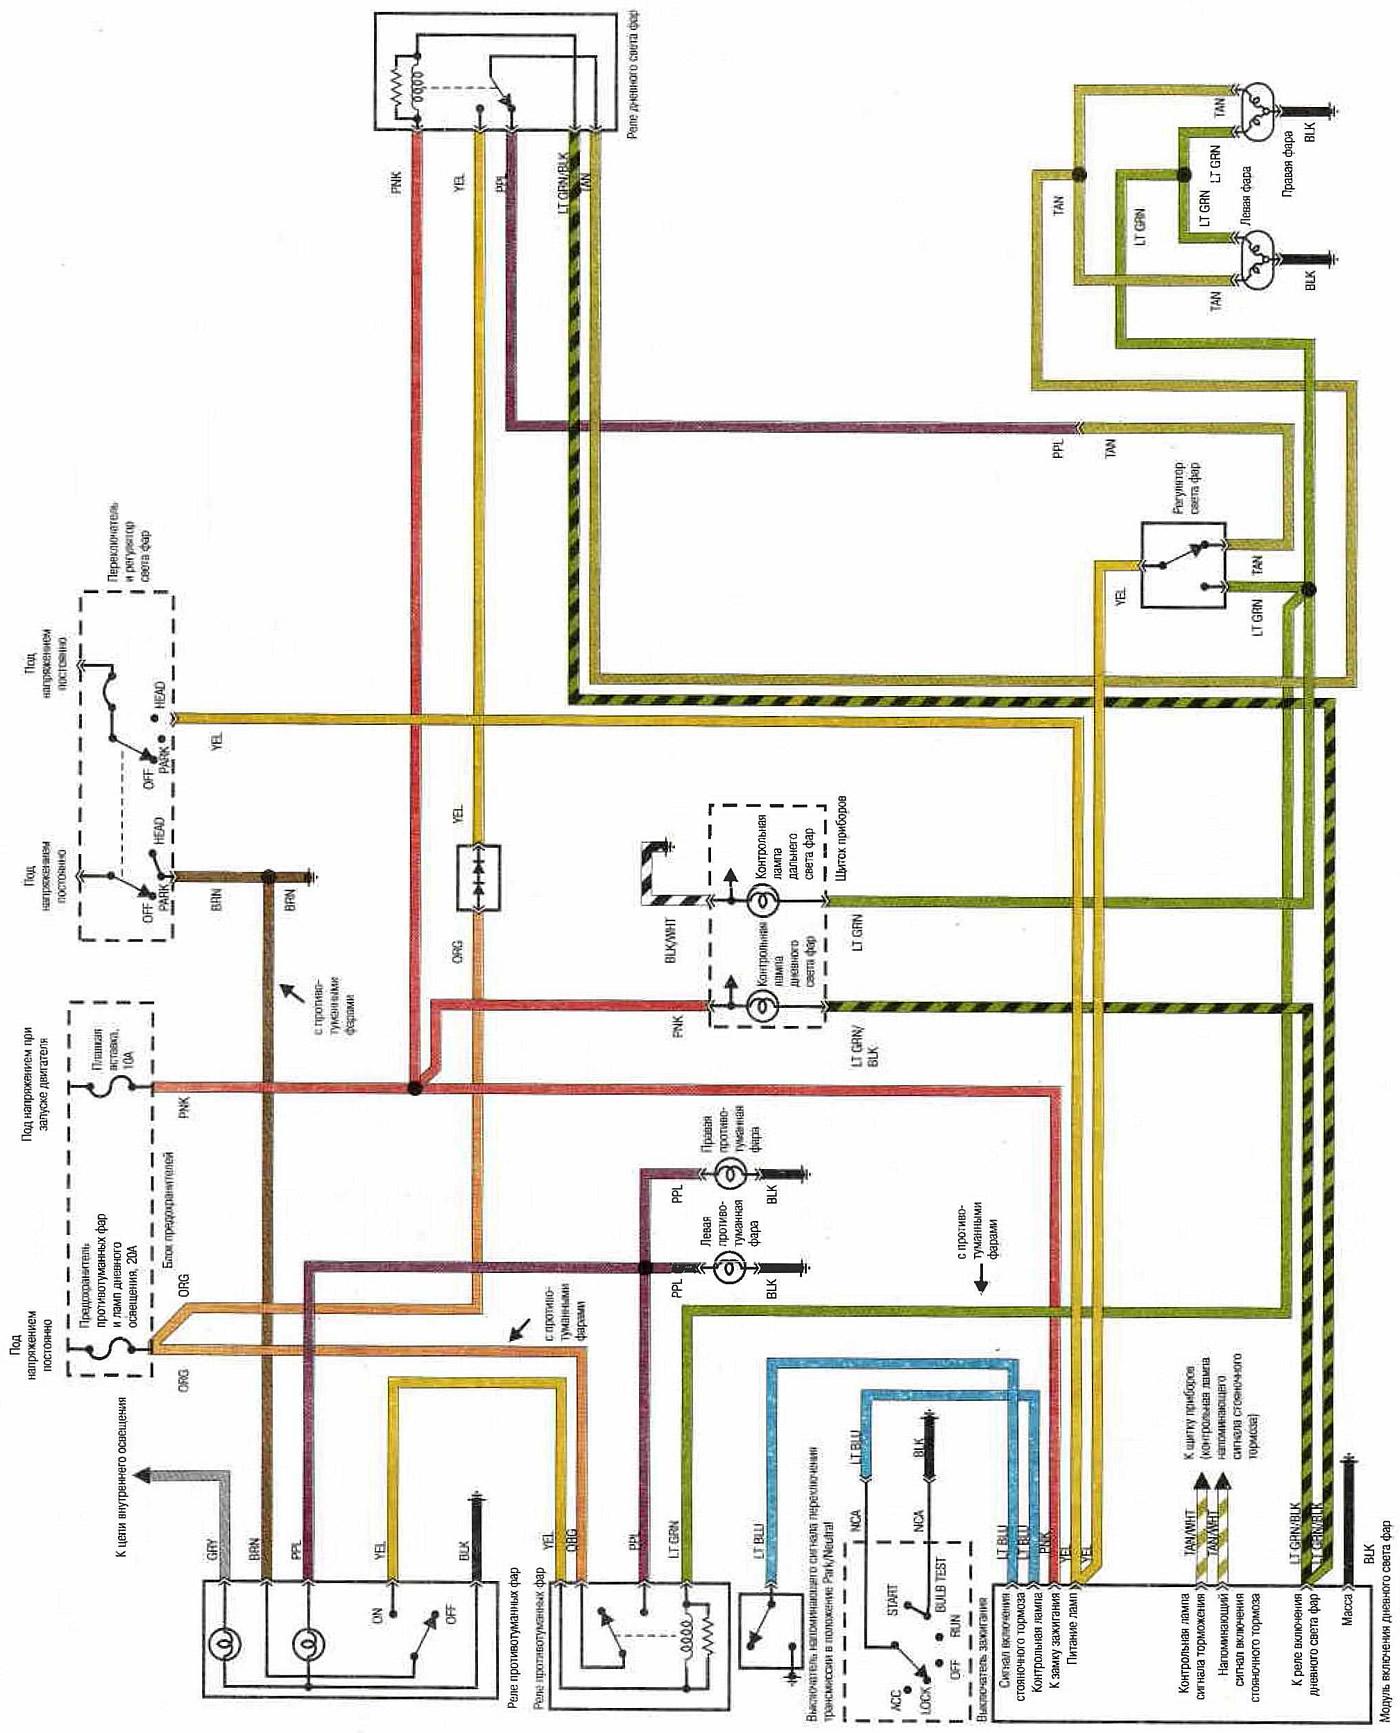 Шевроле тахо схема электропроводки